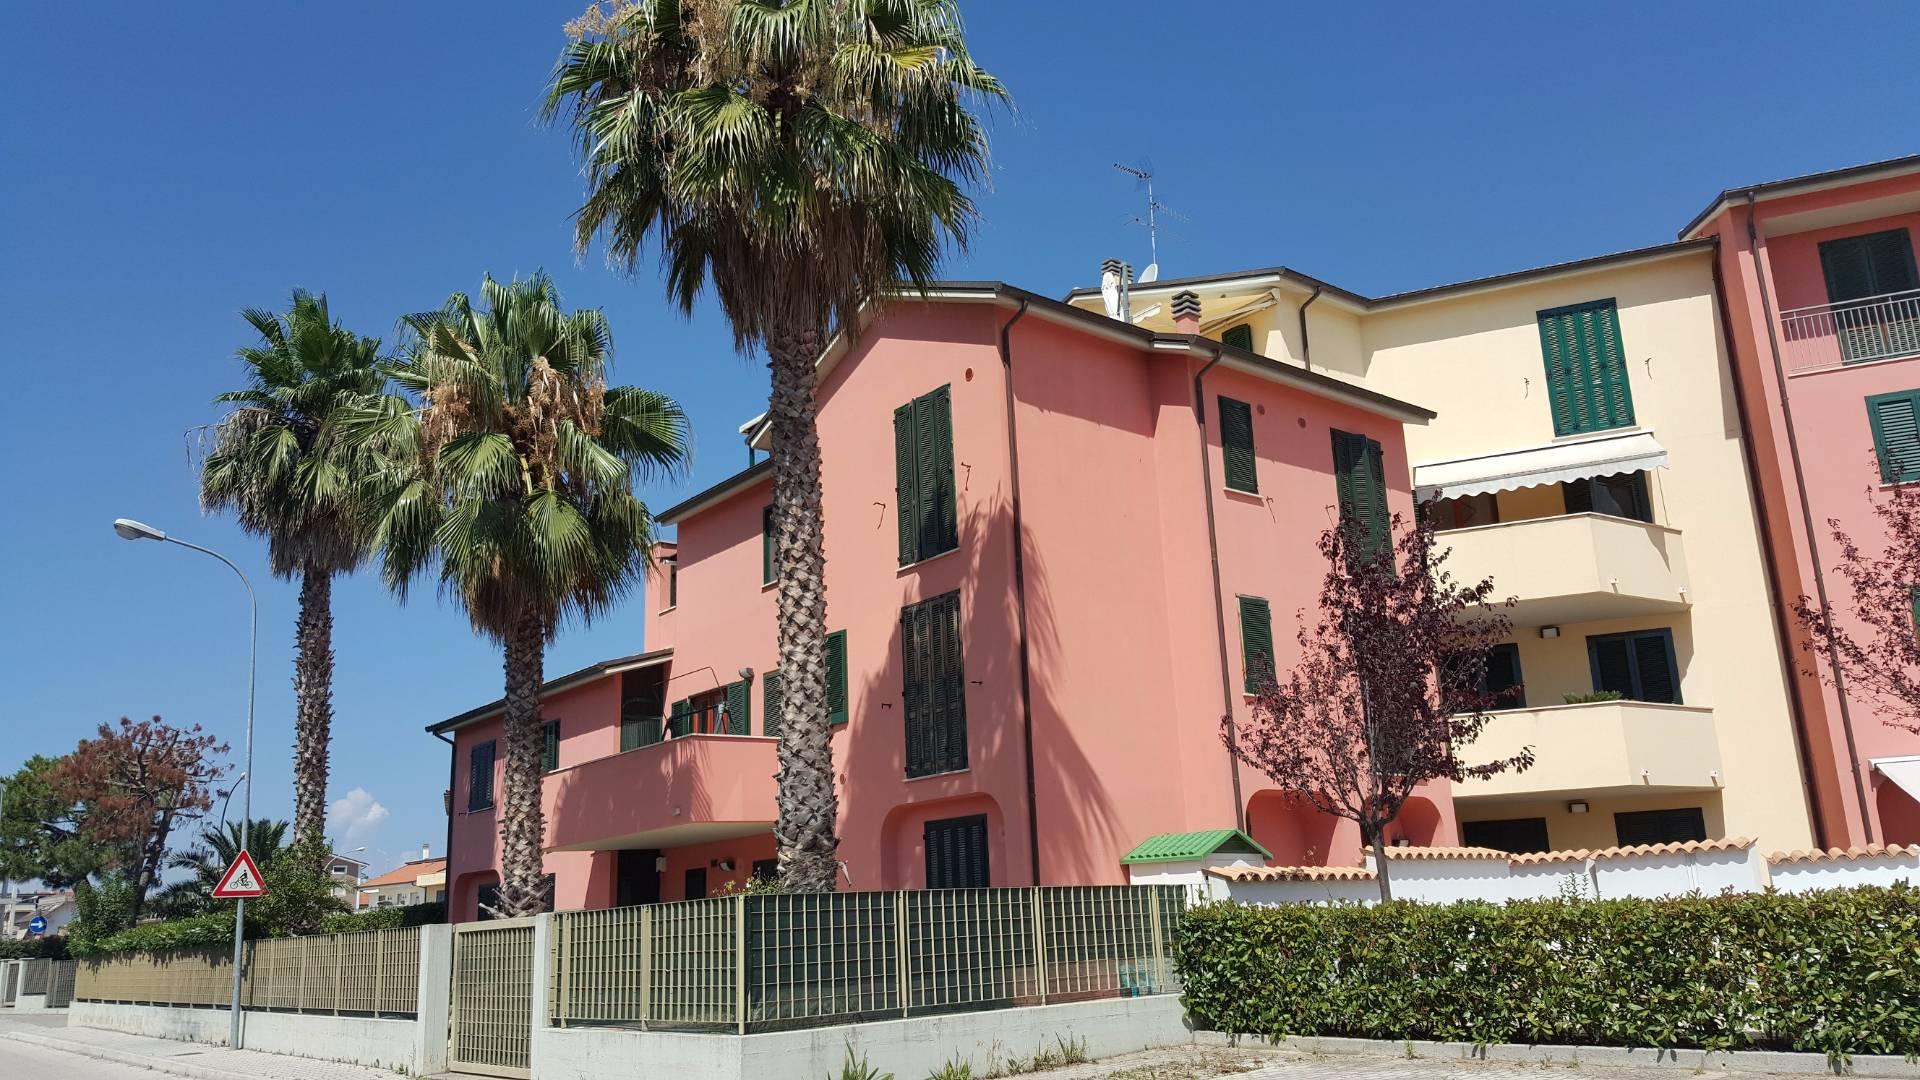 Appartamento in vendita a San Benedetto del Tronto, 2 locali, prezzo € 95.000 | Cambio Casa.it